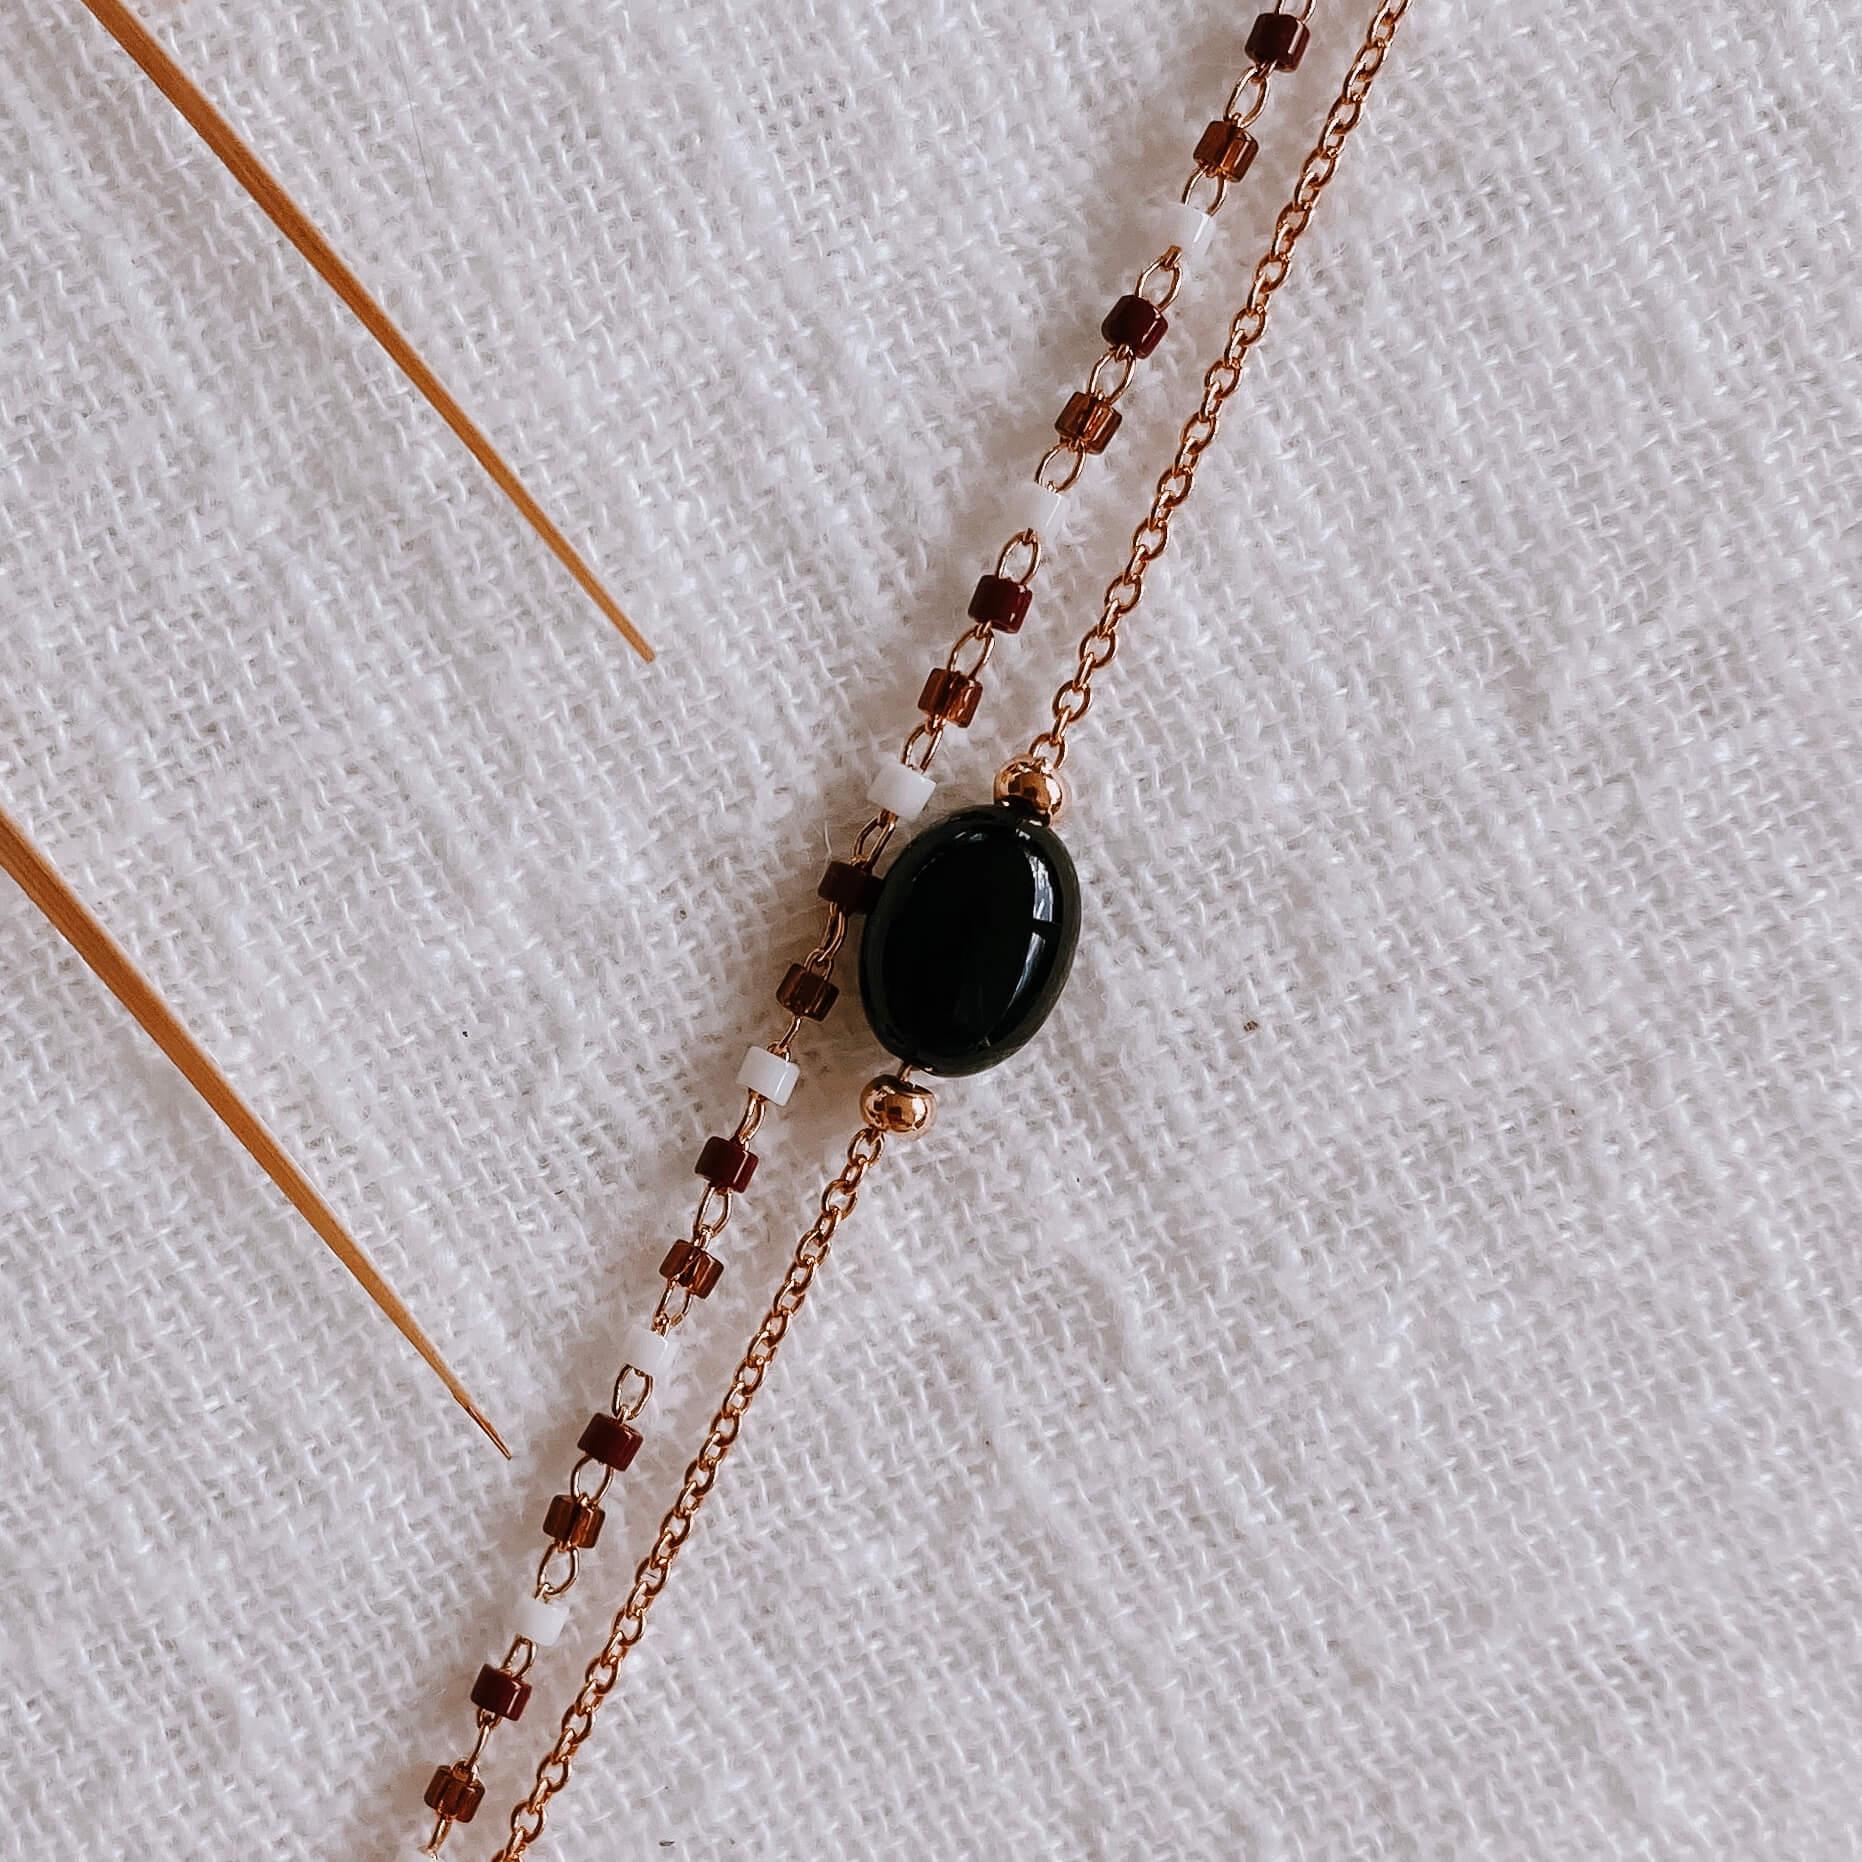 bracelet double chaîne Gigi noire pierre naturelle agate noire - Cénélia